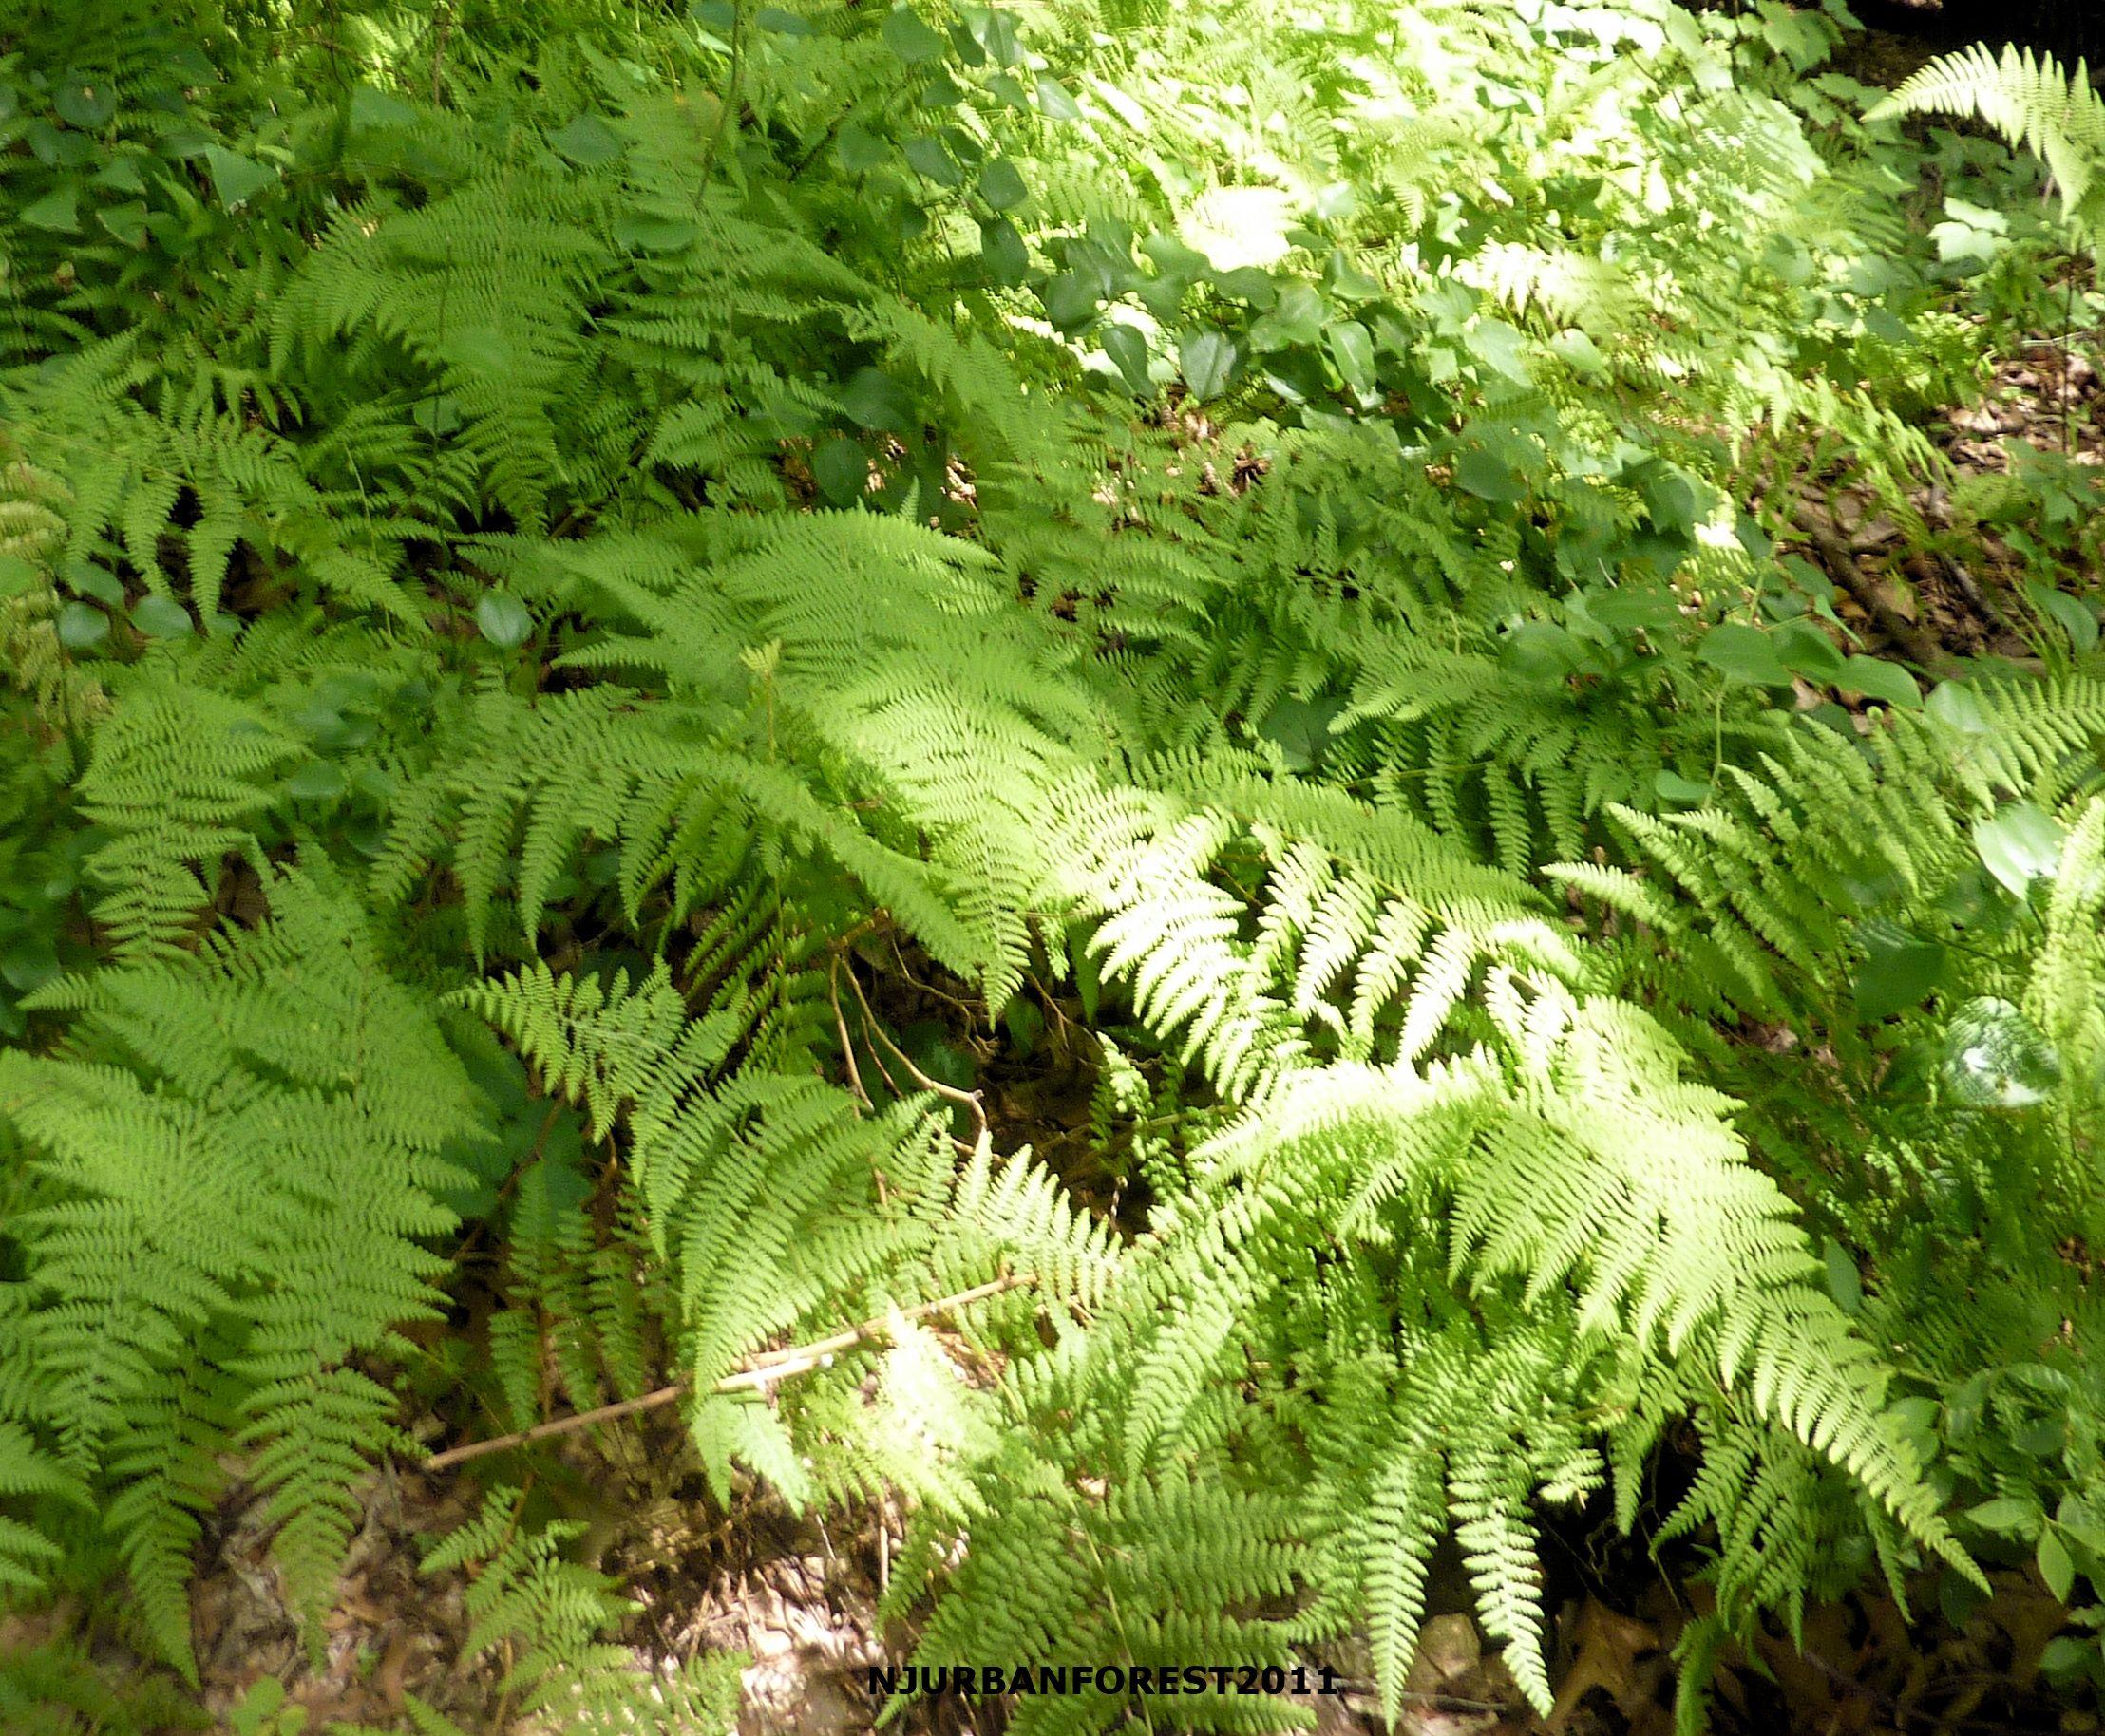 Flat Rock Brook Forest - Ferns | Nature center, Flat rock ...